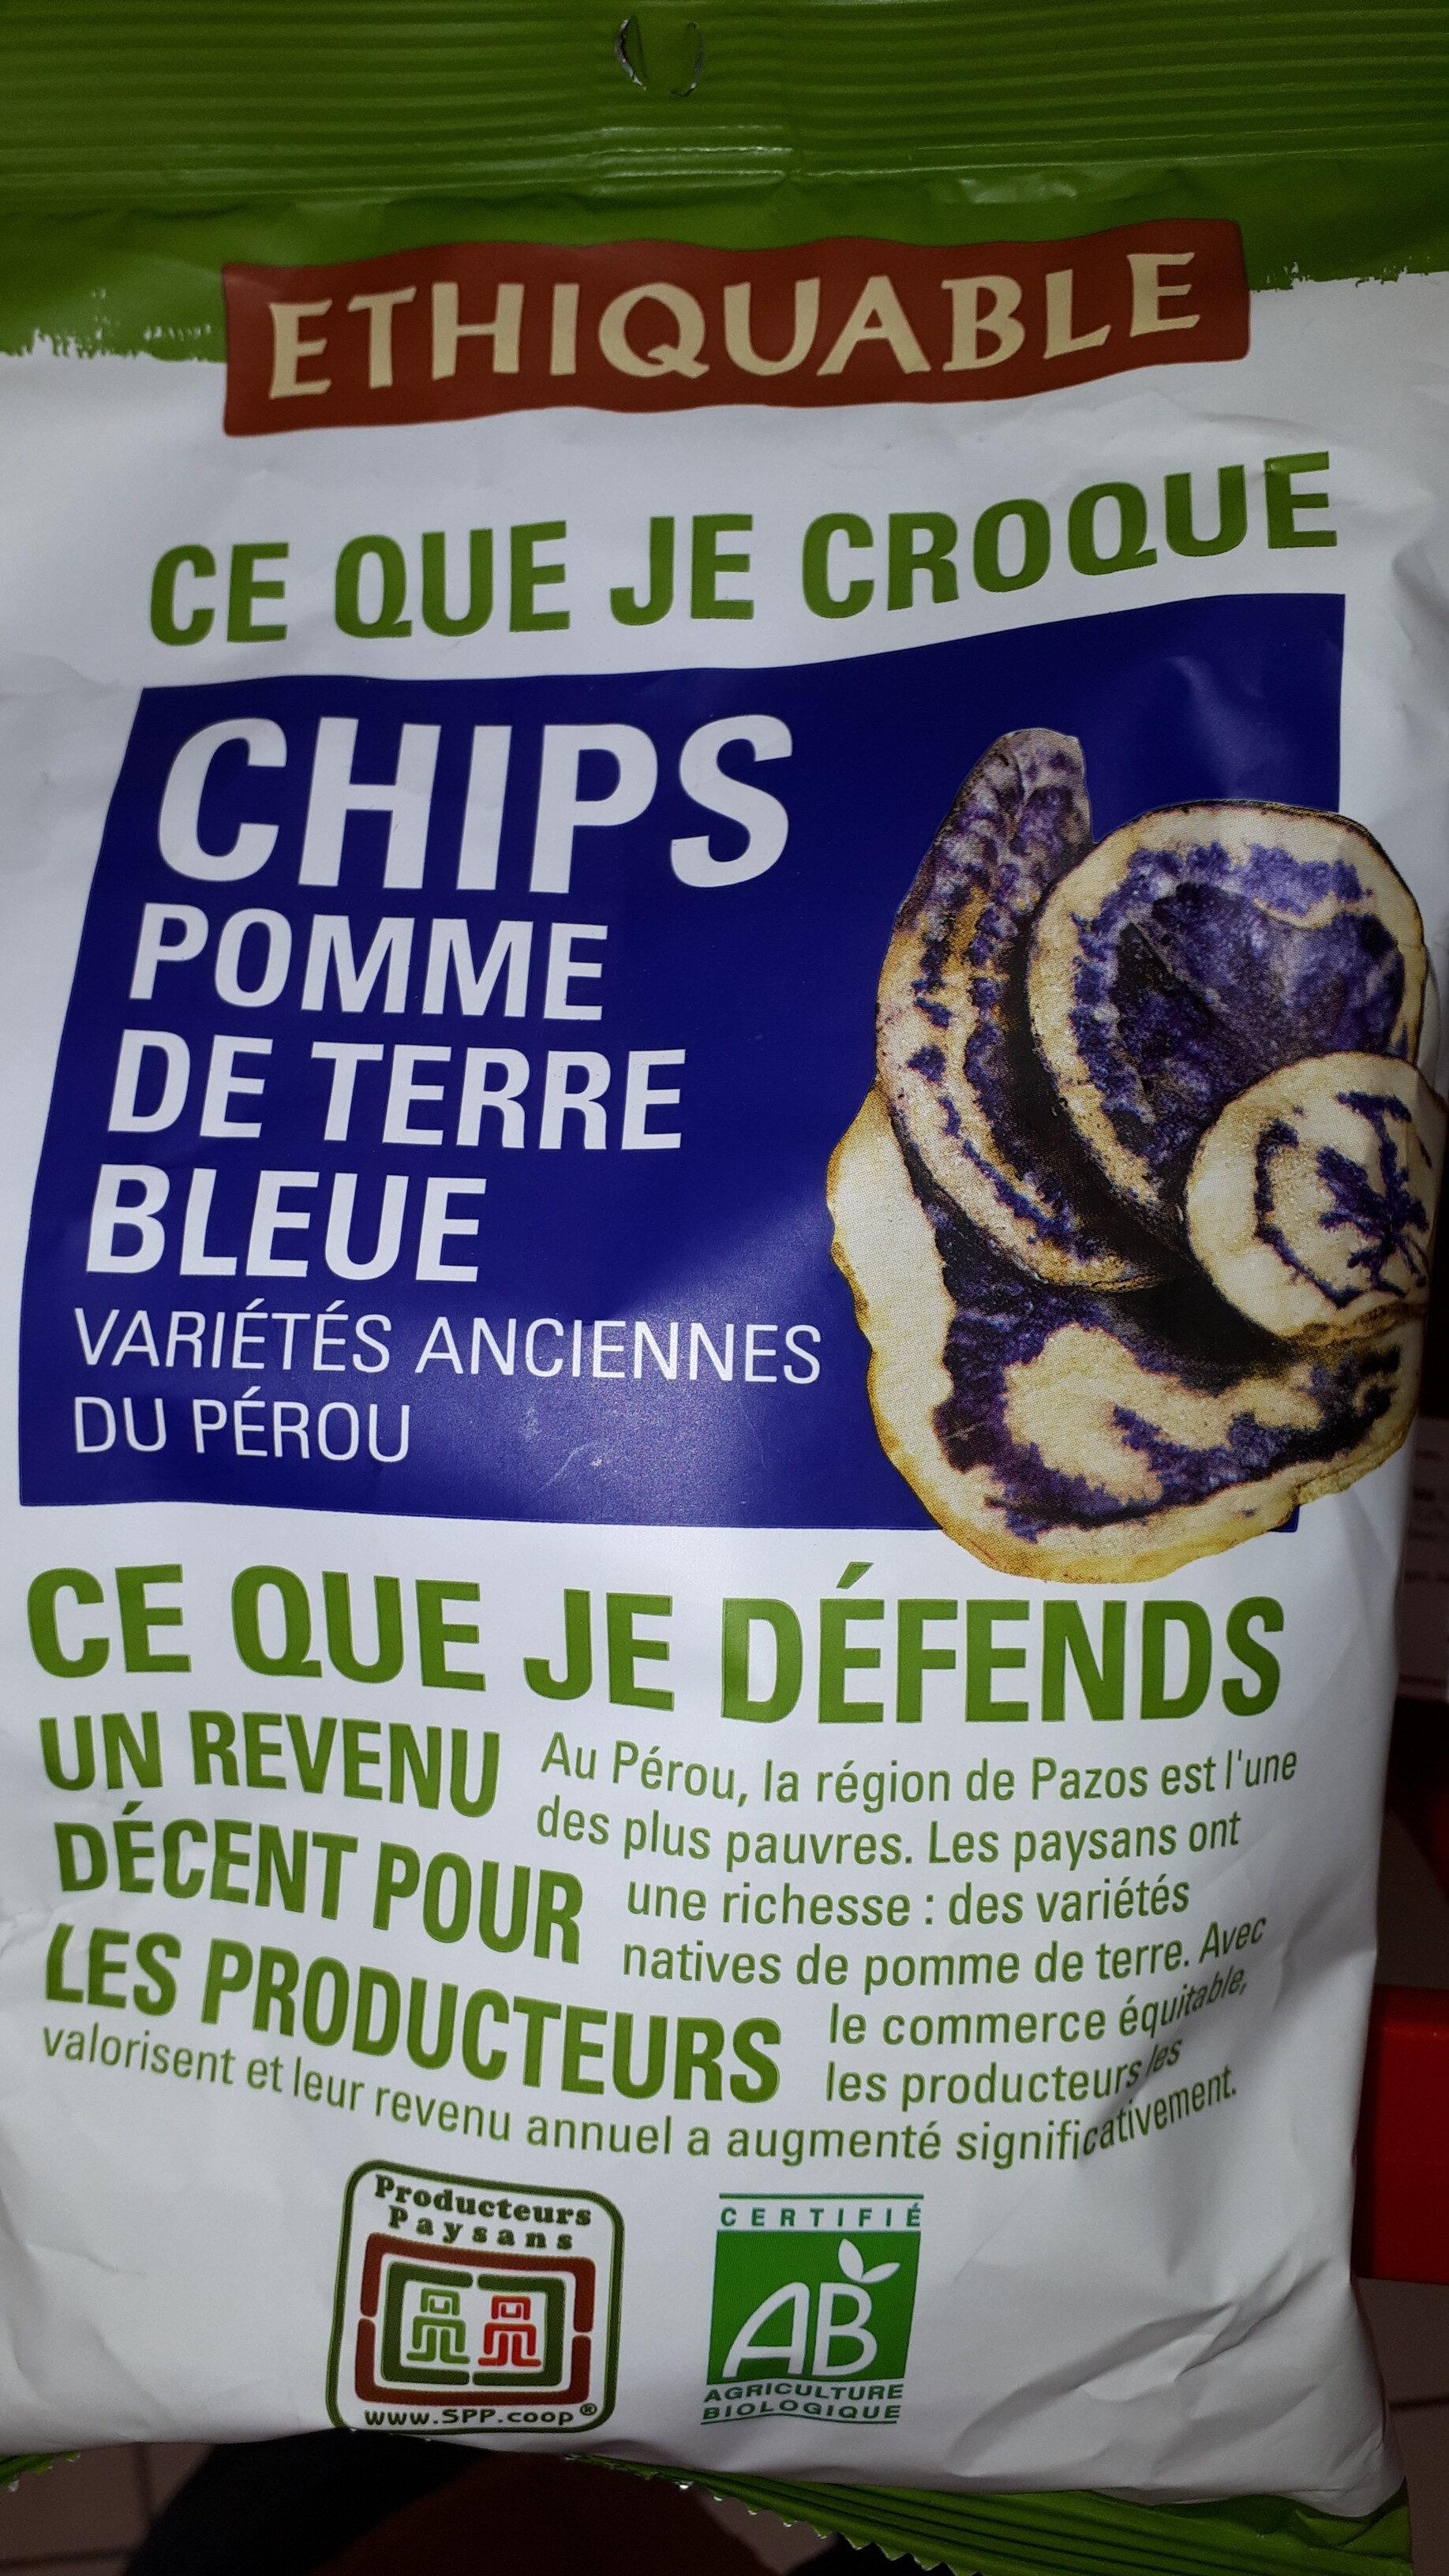 Chips pomme de terre bleue - Product